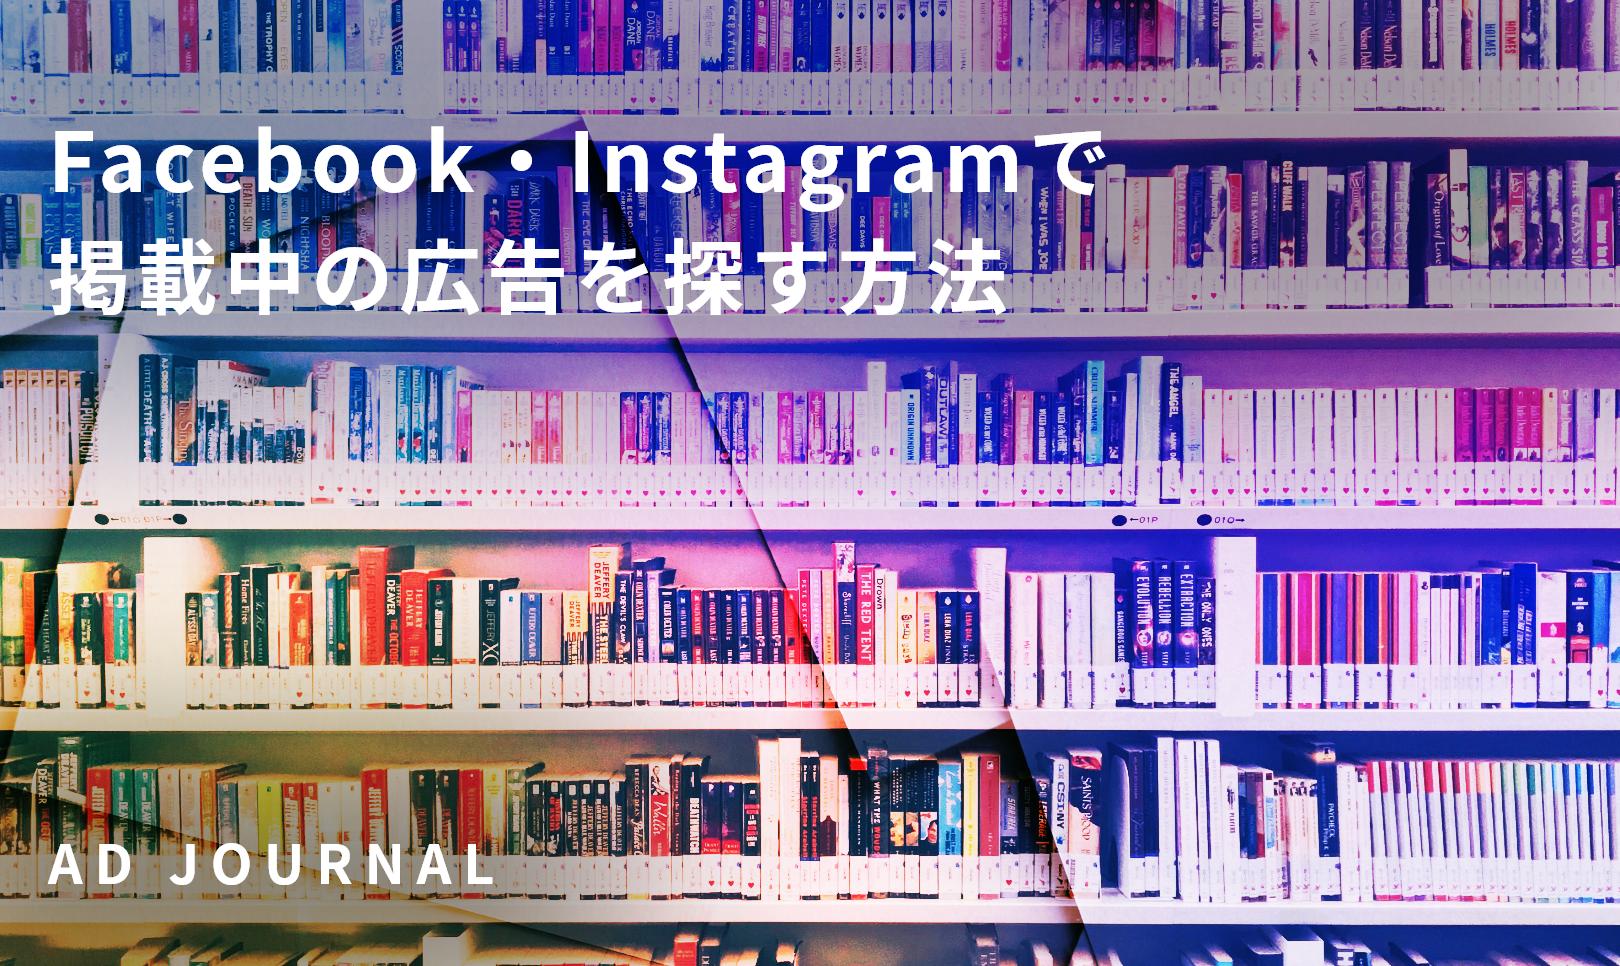 Facebook・Instagramで掲載中の広告を探す方法